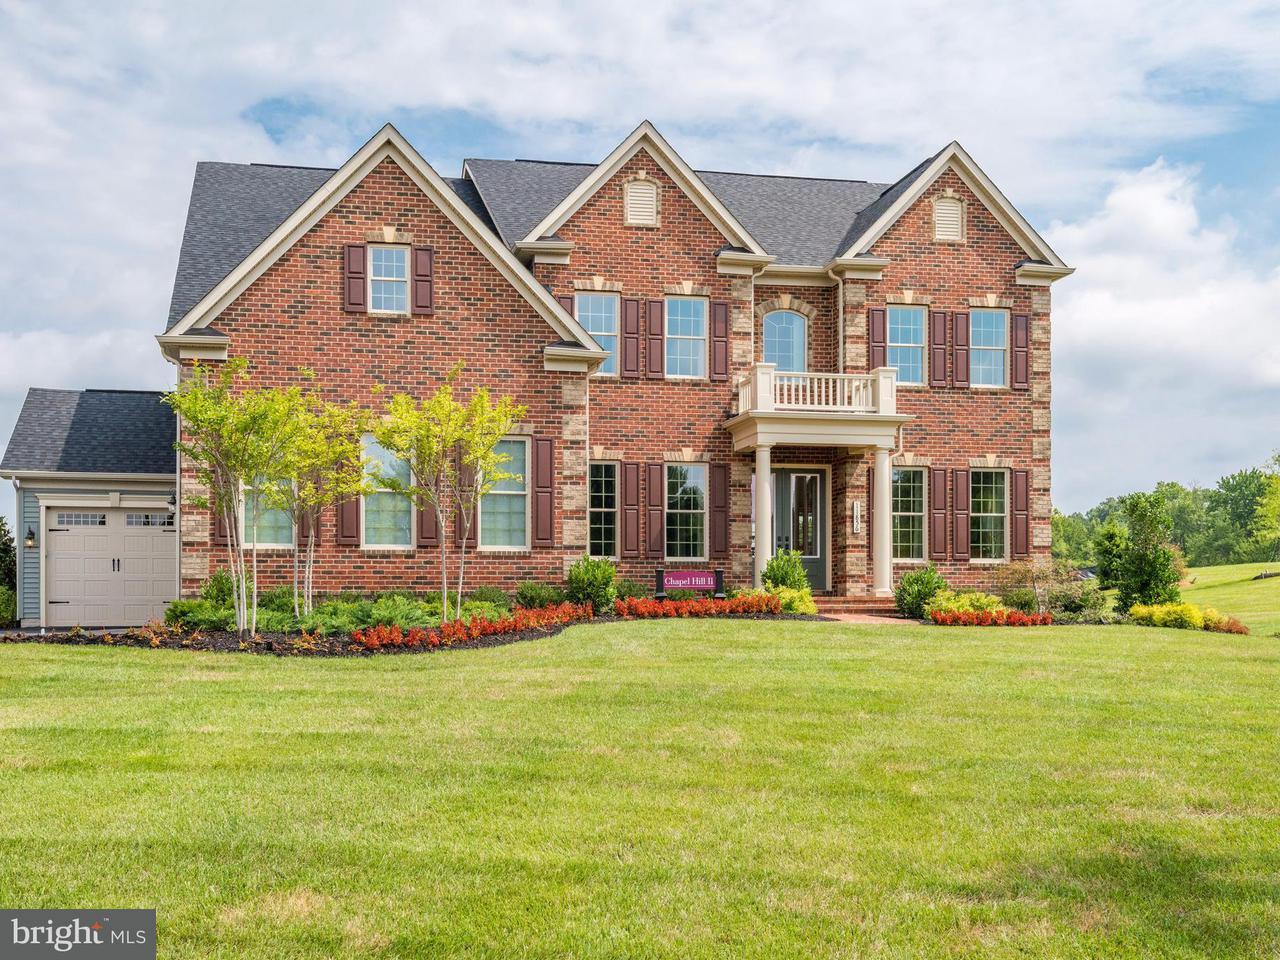 Частный односемейный дом для того Продажа на 11856 BOSCOBEL Court 11856 BOSCOBEL Court Herndon, Виргиния 20170 Соединенные Штаты